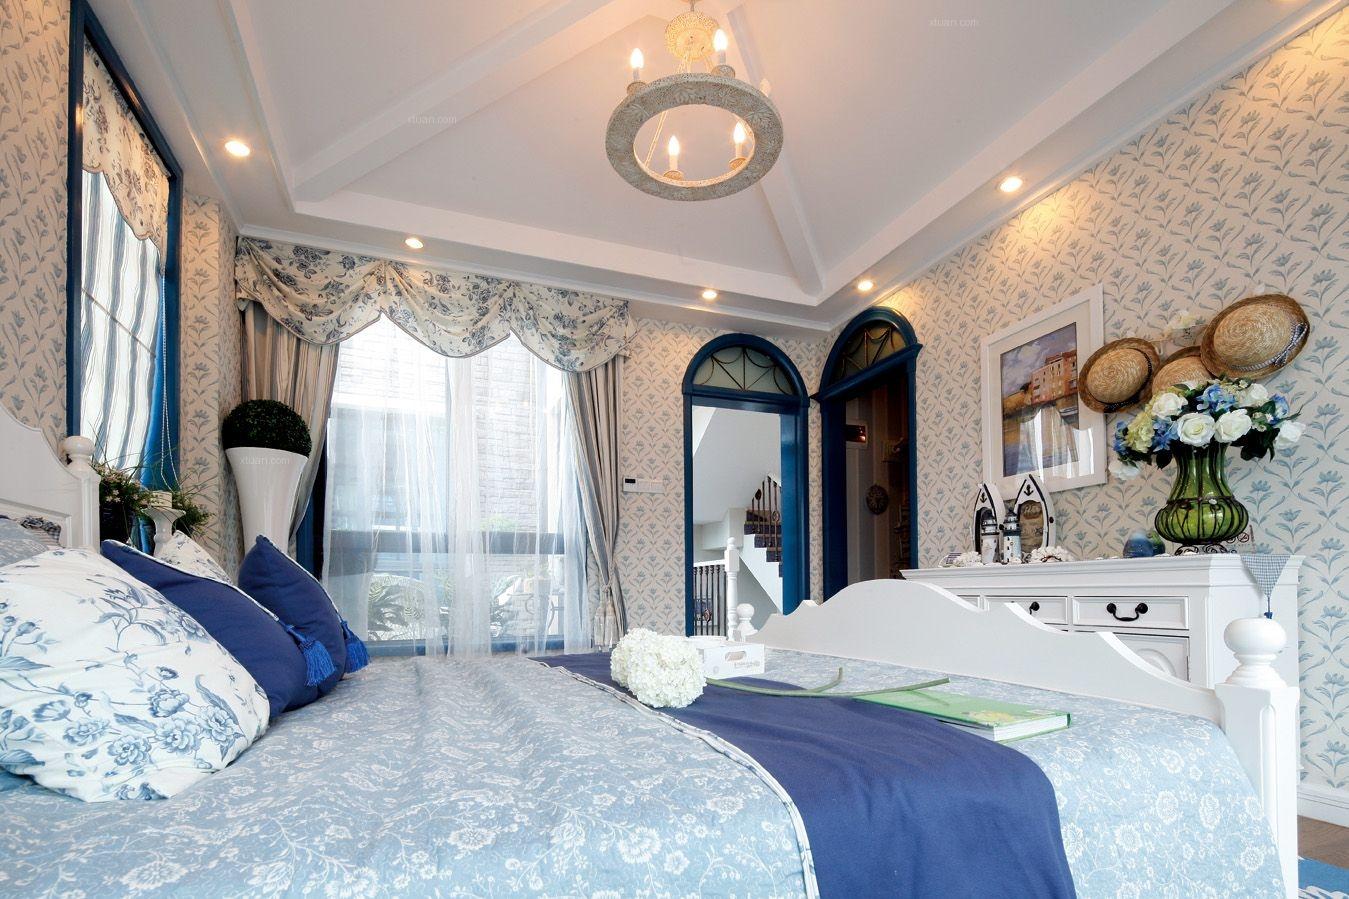 别墅地中海风格主卧室